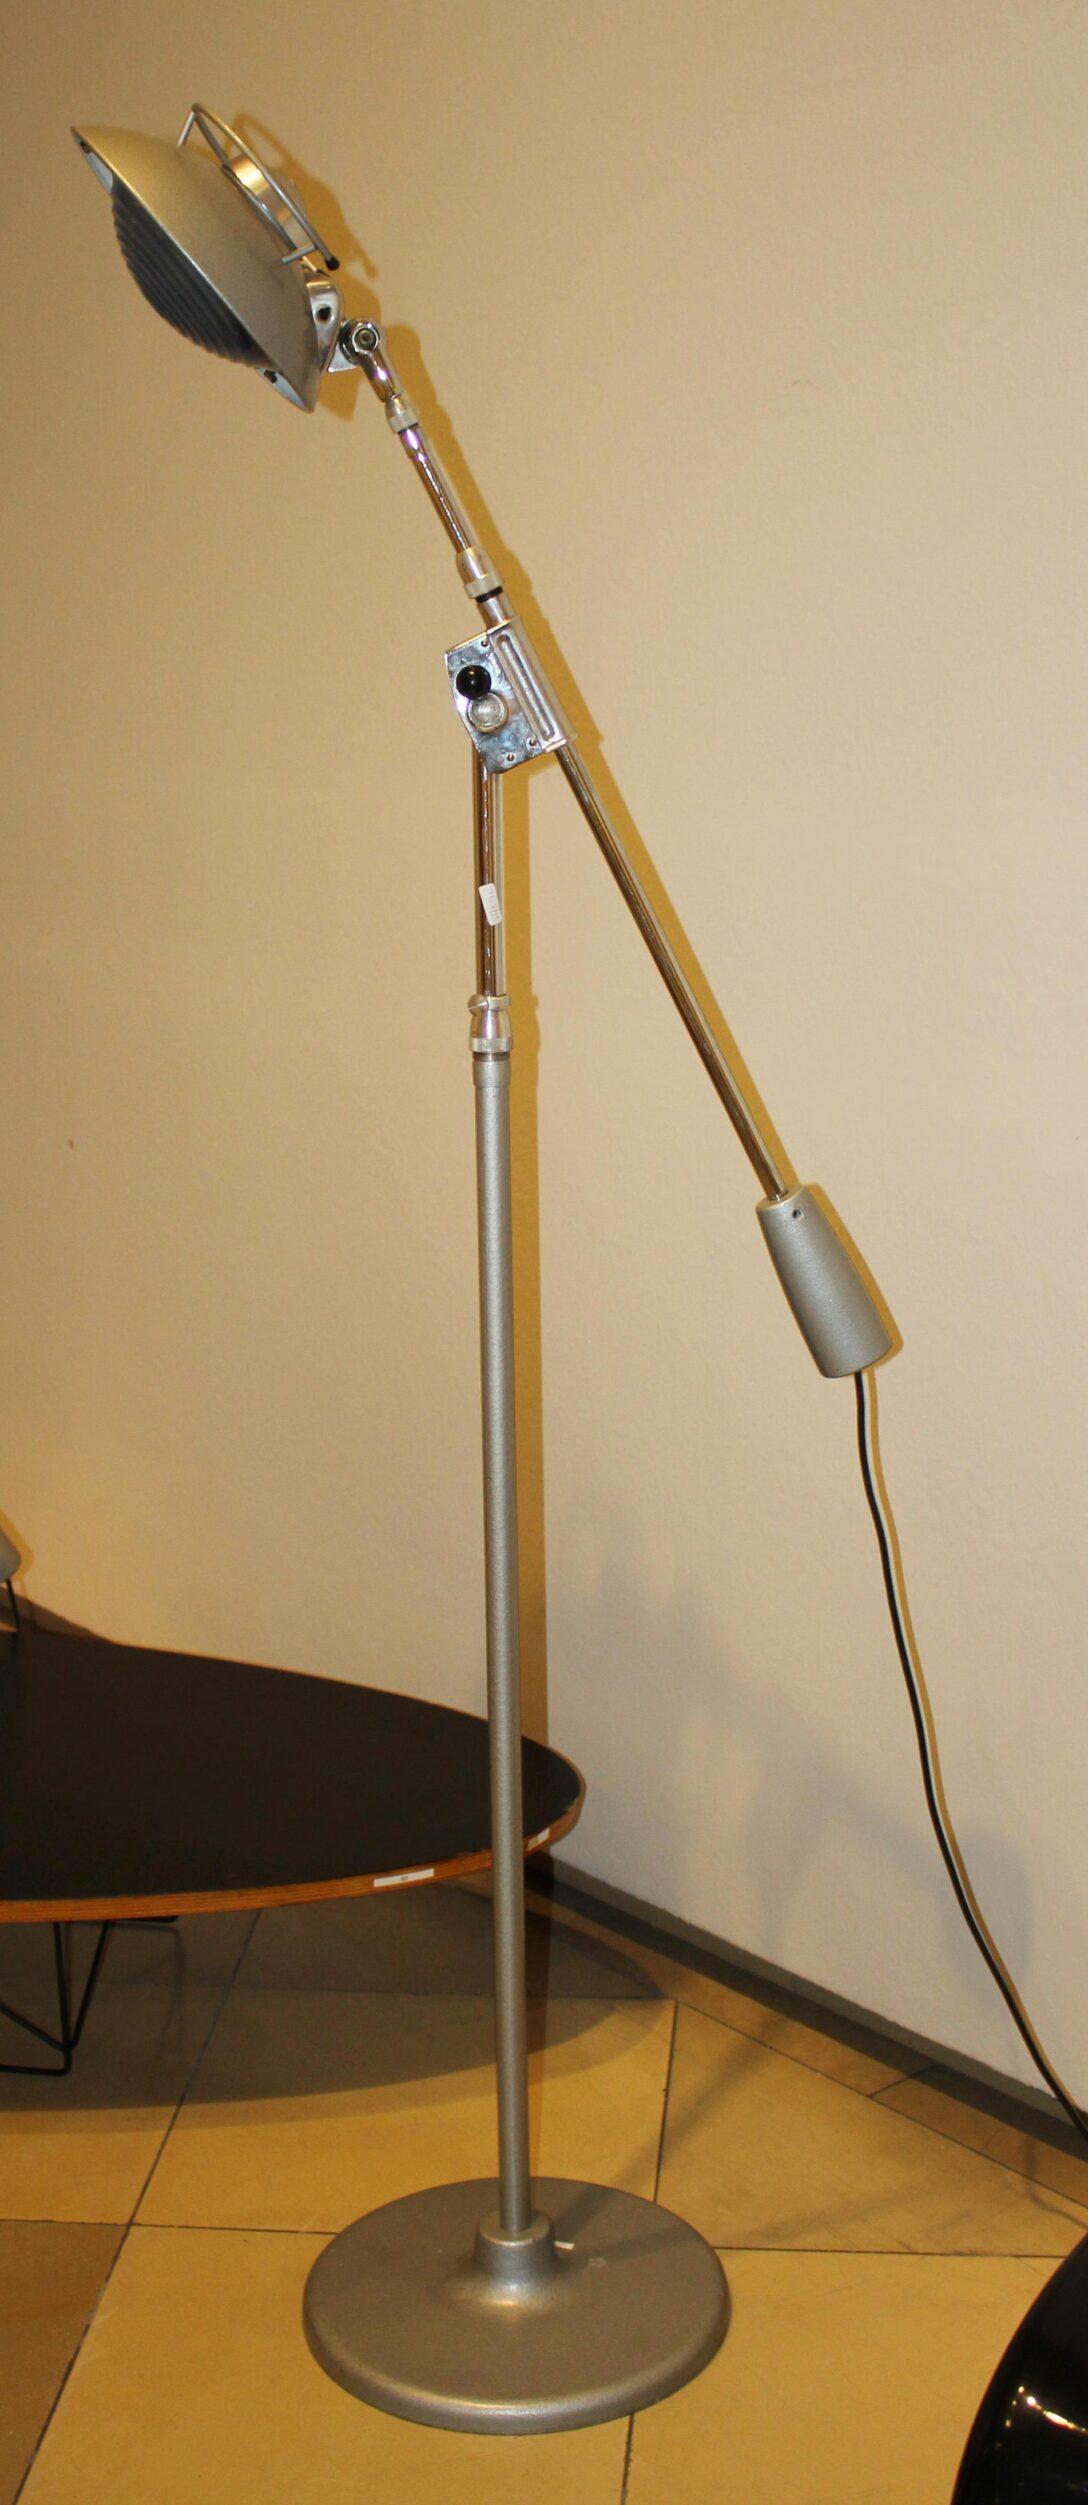 Large Size of Stehlampe Modern Stehleuchte Im Industriedesign Stehlampen Wohnzimmer Moderne Deckenleuchte Küche Weiss Tapete Modernes Bett 180x200 Schlafzimmer Sofa Bilder Wohnzimmer Stehlampe Modern